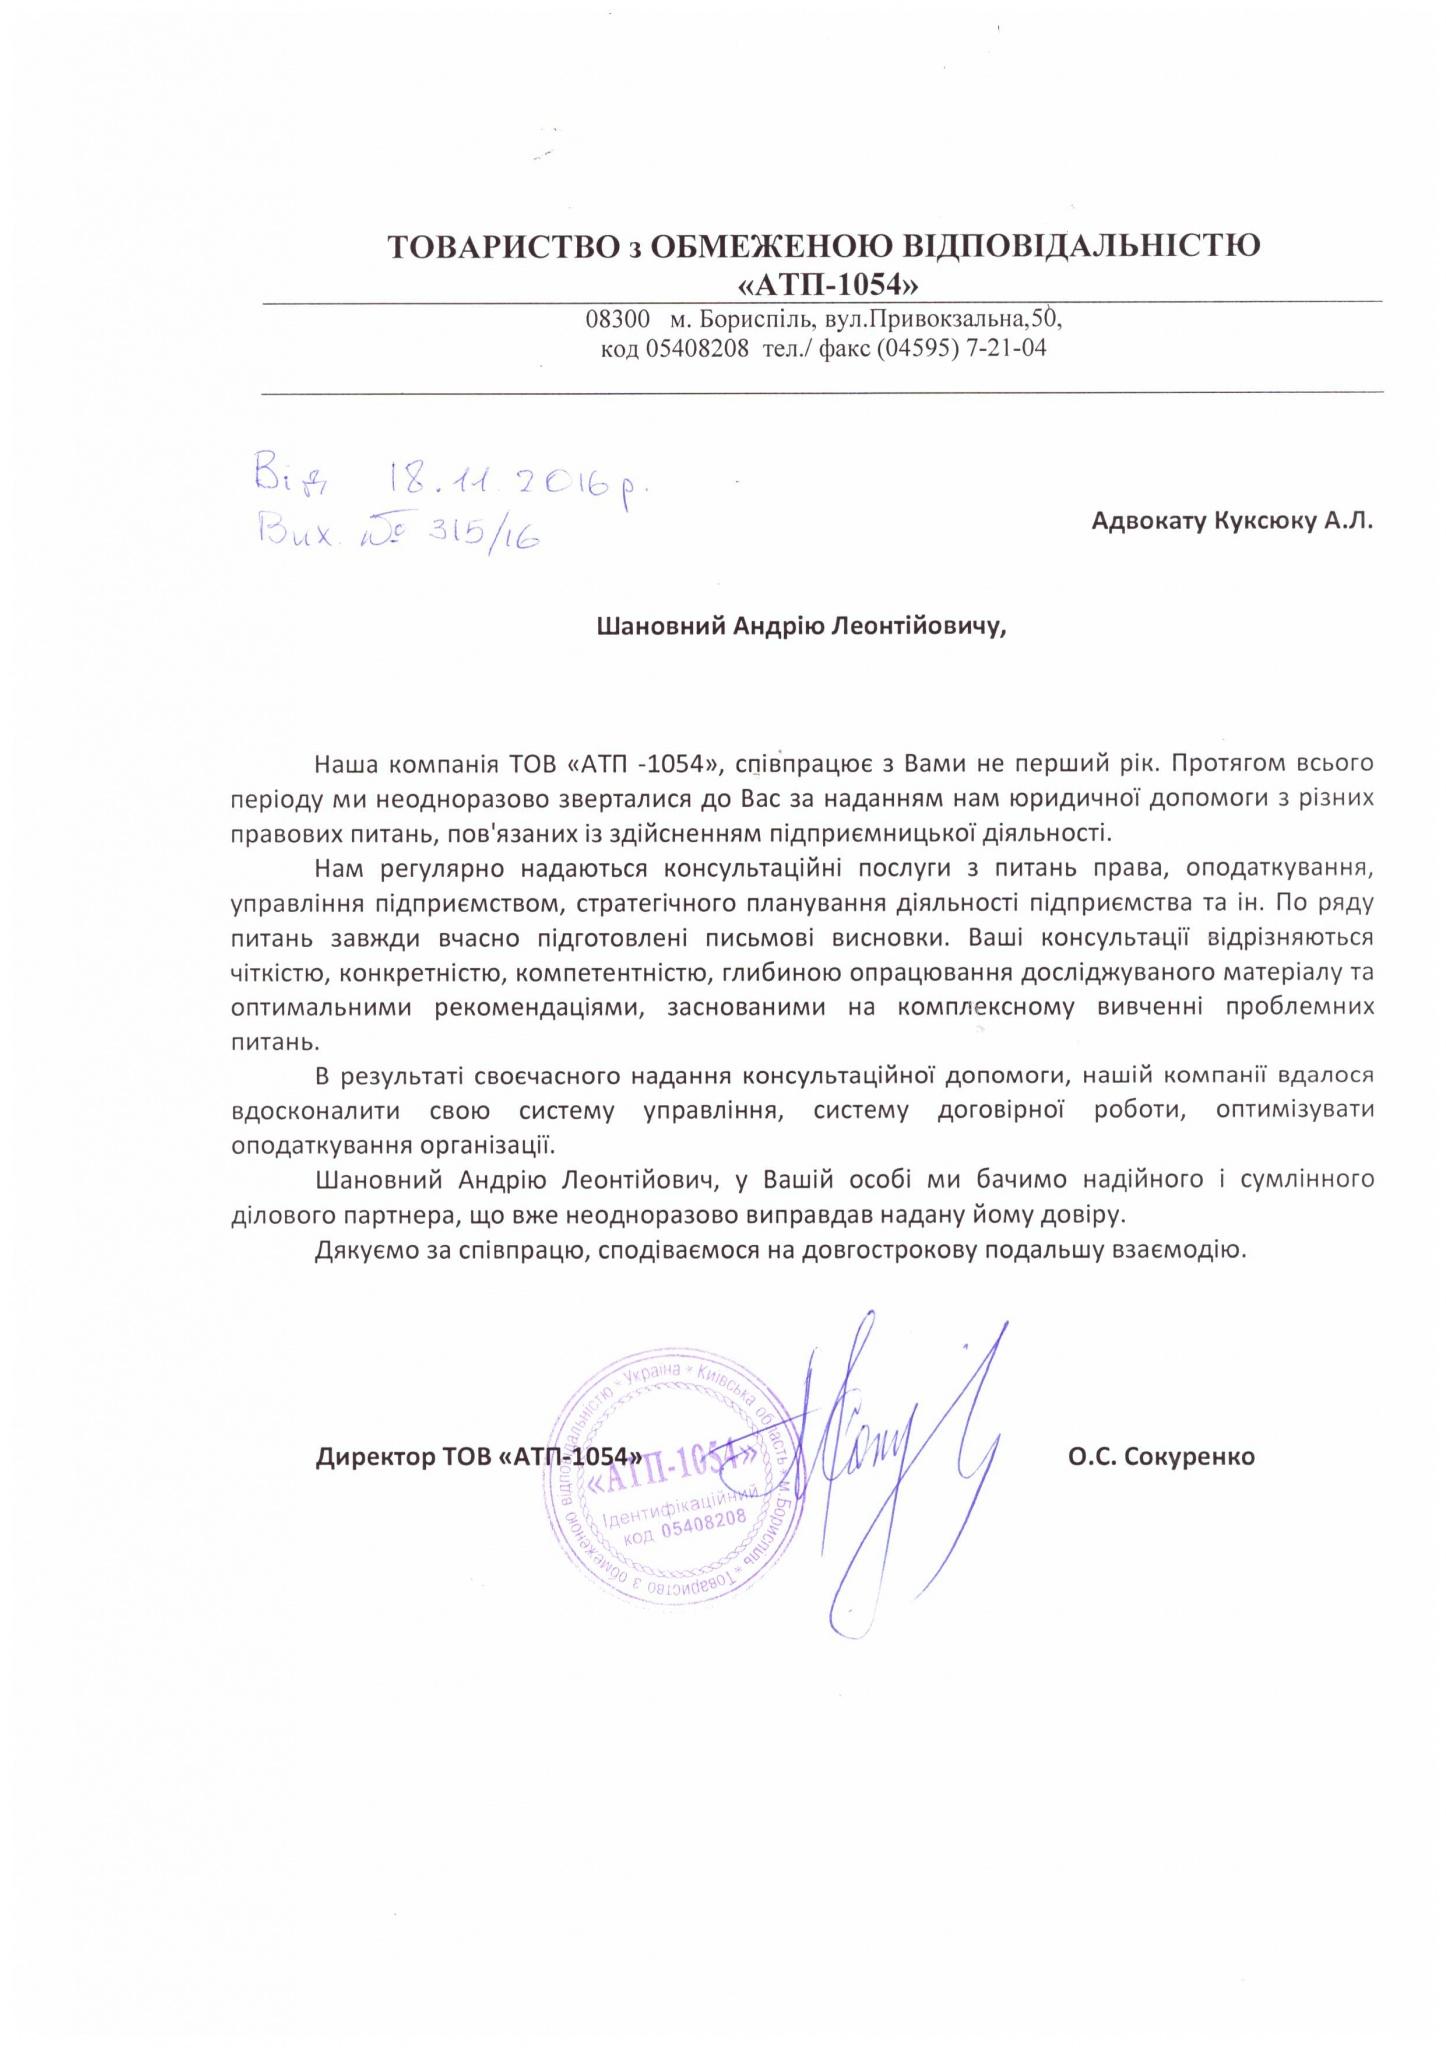 Рекомендательное письмо от Общества с ограниченной ответственностью «АТП-1054»